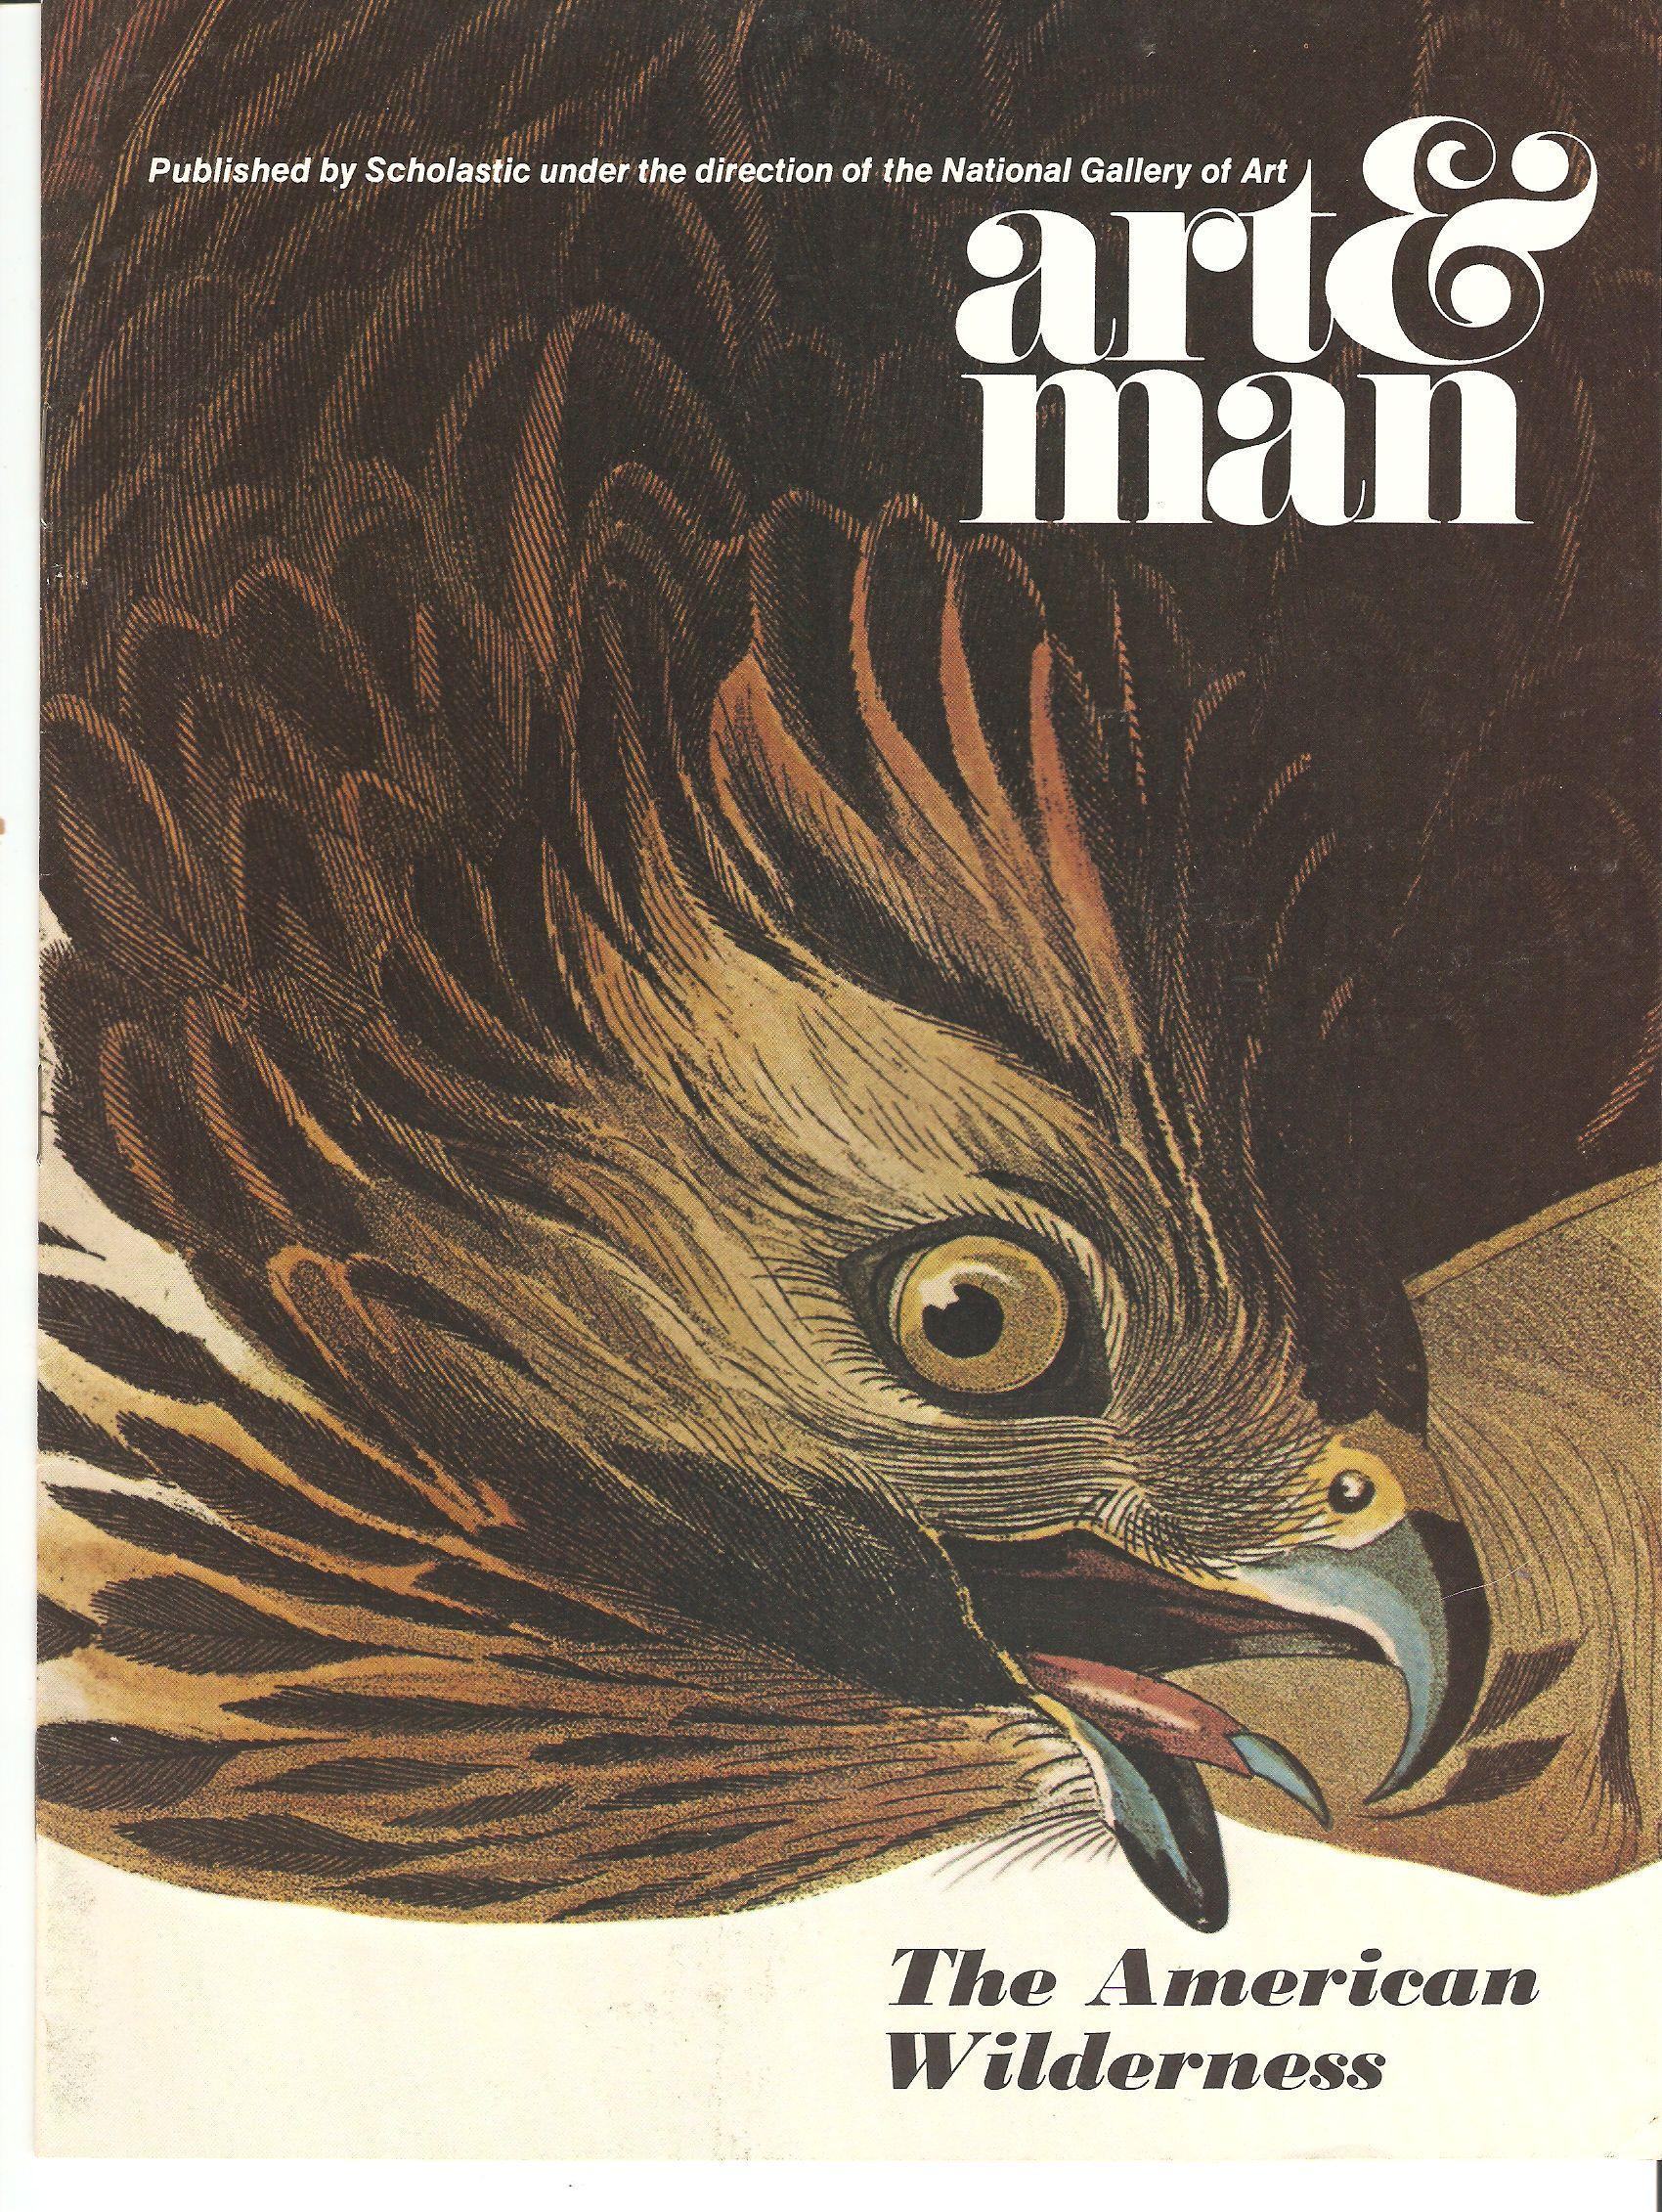 Art and man scholastic art vol 1 no 1 1970 the american